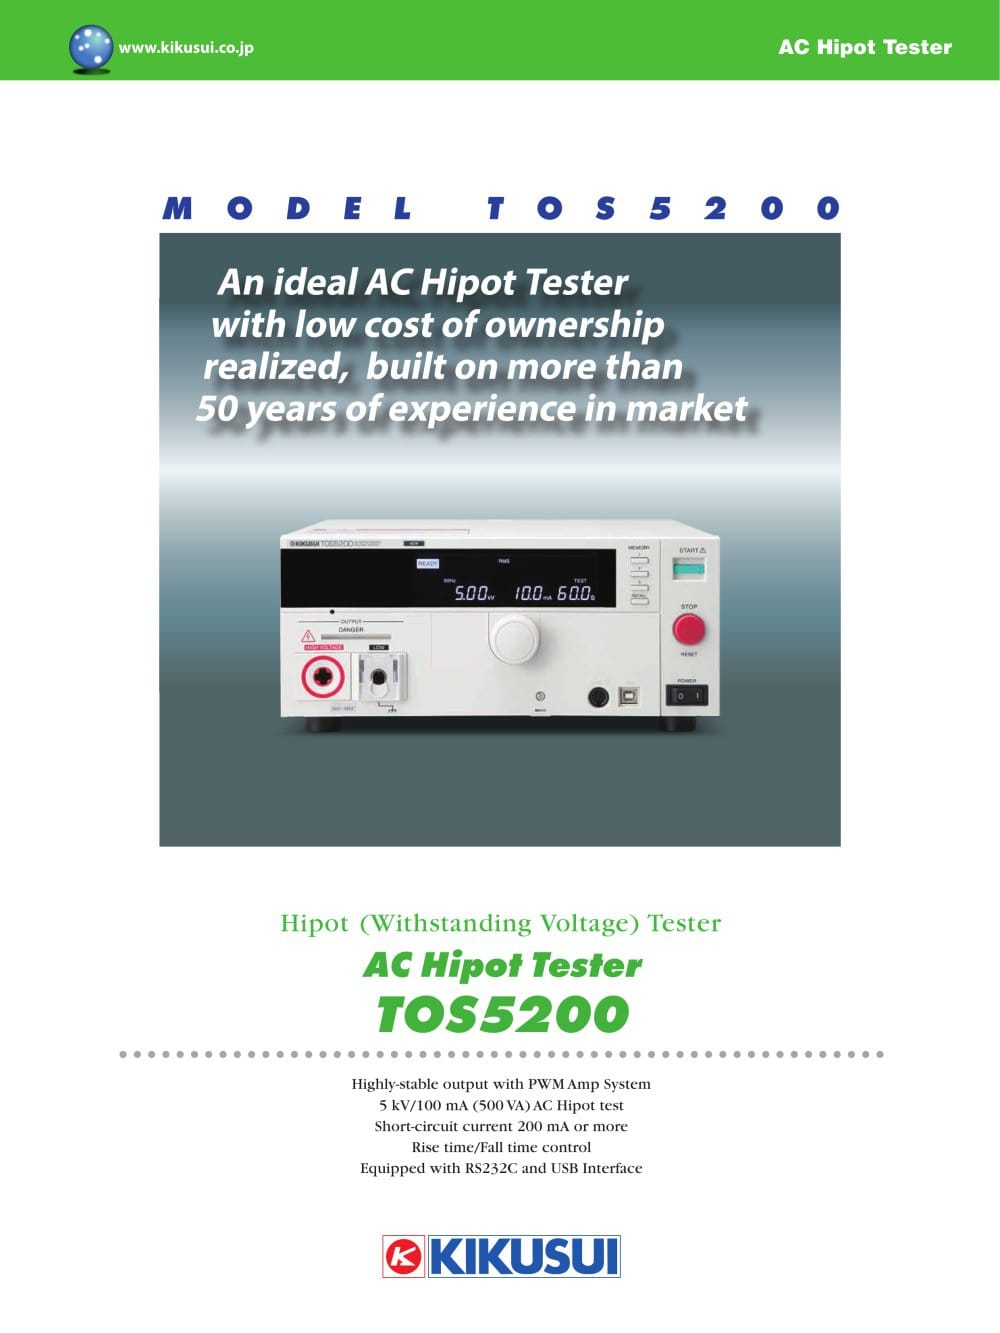 Tos5200 Hipot Tester Kikusui Electronics Pdf Catalogue Short Circuit 1 8 Pages